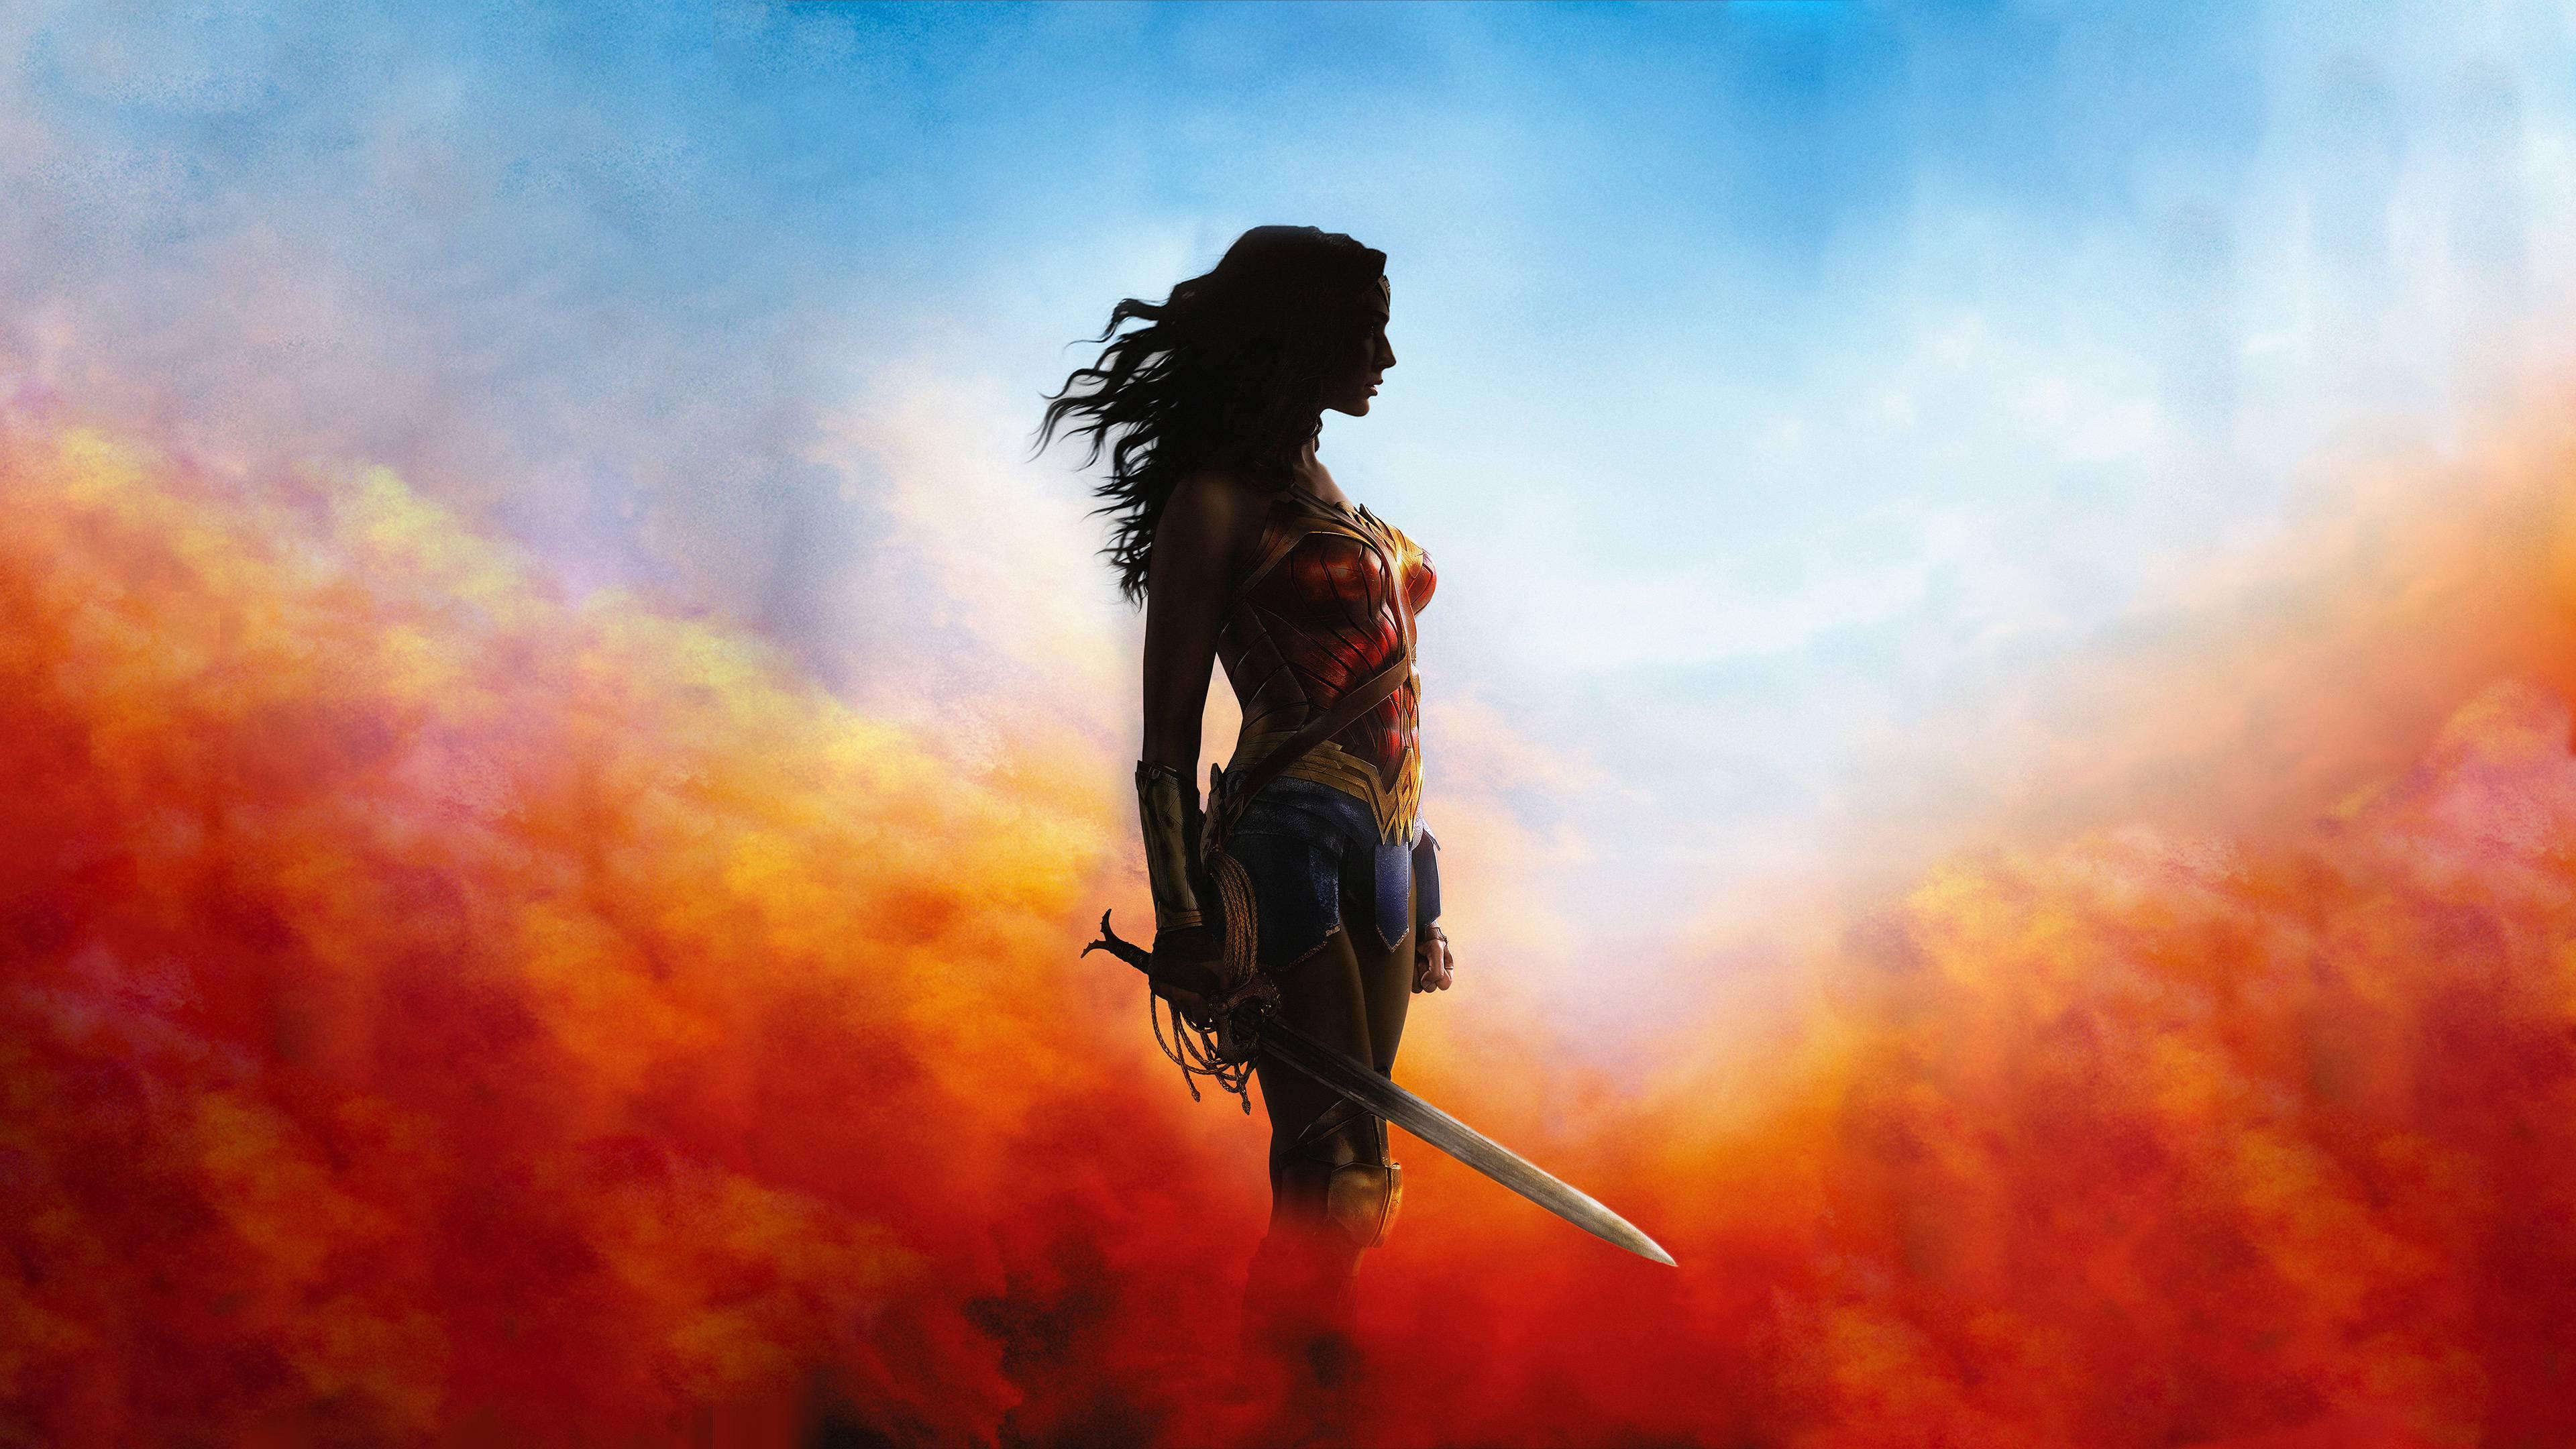 Old Music Score 4k Hd Desktop Wallpaper For 4k Ultra Hd Tv: Wonder Woman 4k Wallpaper